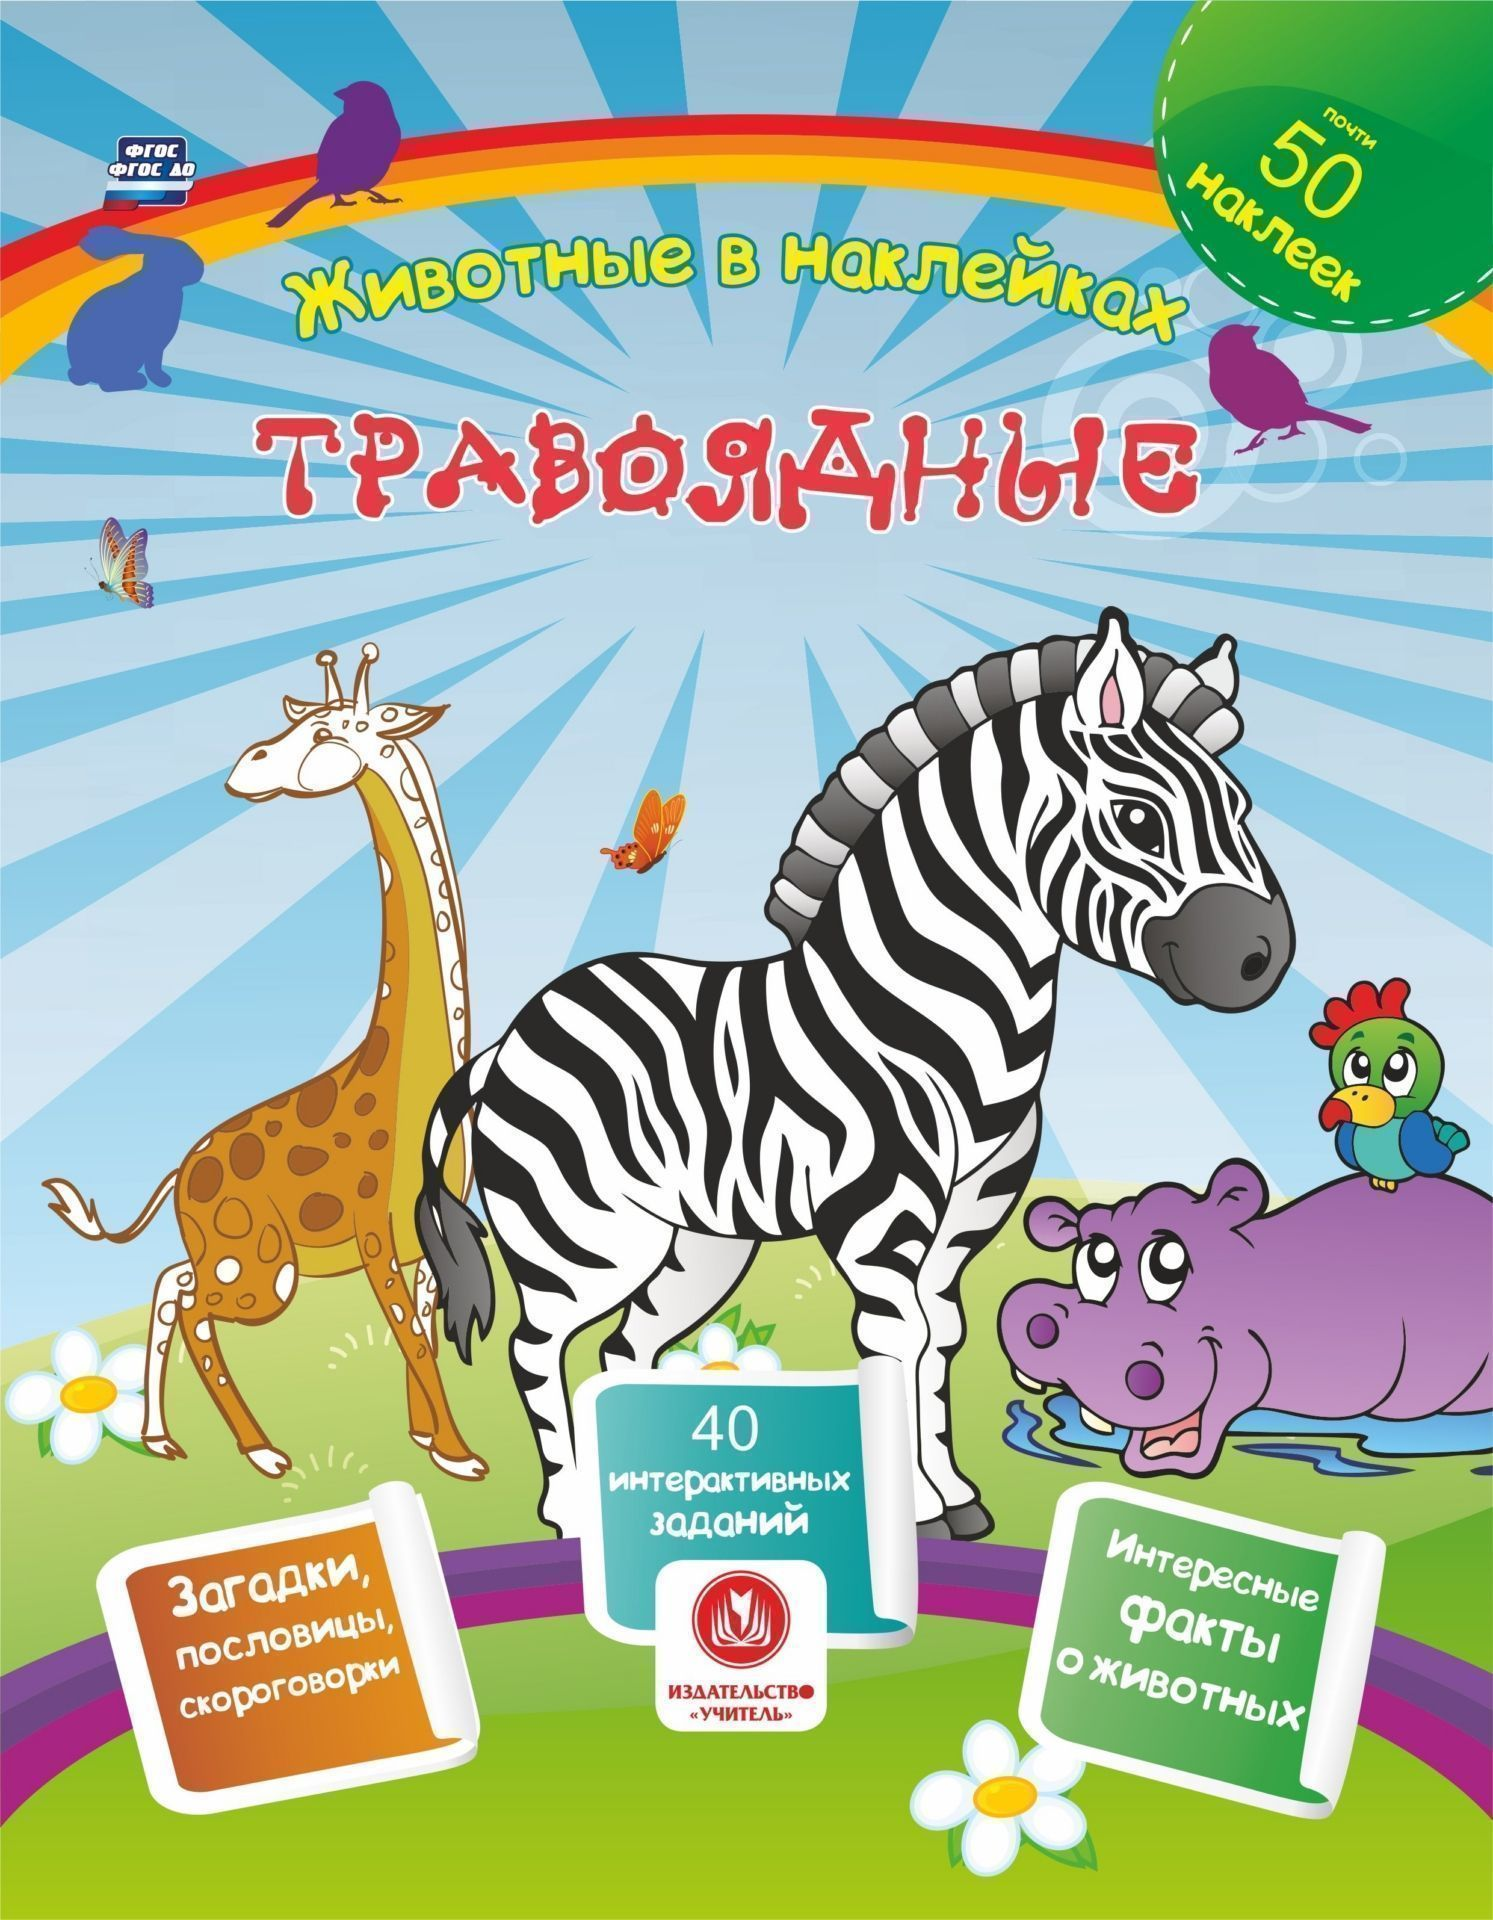 Травоядные. Сборник развивающих заданий с наклейками: загадки, пословицы, скороговорки. 40 интерактивных заданий. Интересные факты о животныхВоспитателю ДОО<br>Блок Травоядные содержит лист с яркими наклейками травоядных животных: фотоизображения жирафа, слона, зебры, кенгуру, носорога, бегемота - животных дикой африканской и австралийской саванны; черепахи - обитательницы океанических вод, огромного, умного и...<br><br>Авторы: Наталья Литвиненко<br>Год: 2017<br>Серия: Животные в наклейках<br>ISBN: 978-5-7057-4914-0, 9785705749140<br>Высота: 260<br>Ширина: 205<br>Переплёт: мягкая, скрепка